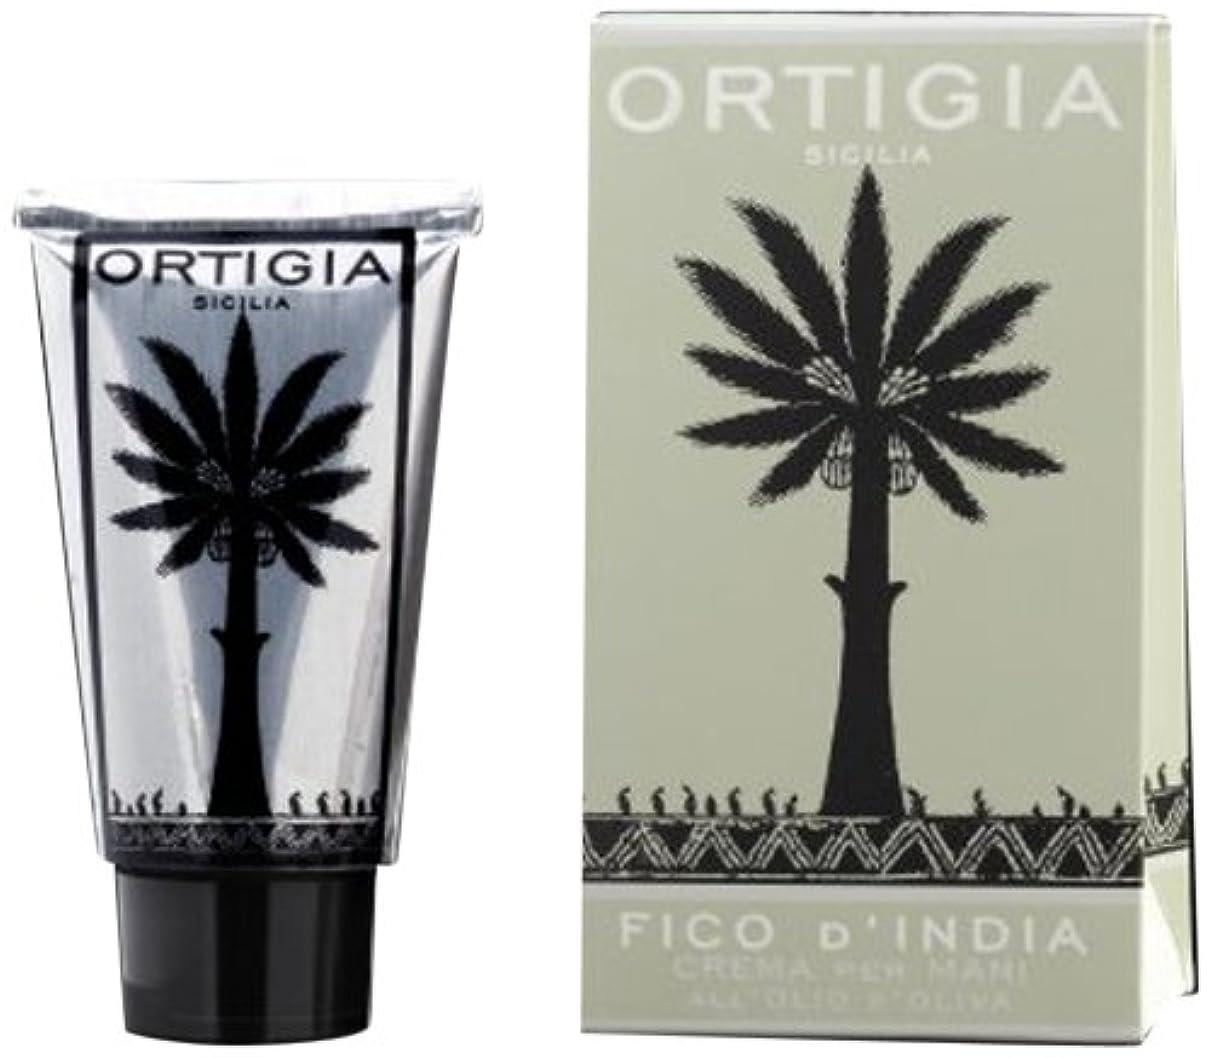 ORTIGIA(オルティージャ) ハンドクリーム フィーコディンディア 75mL